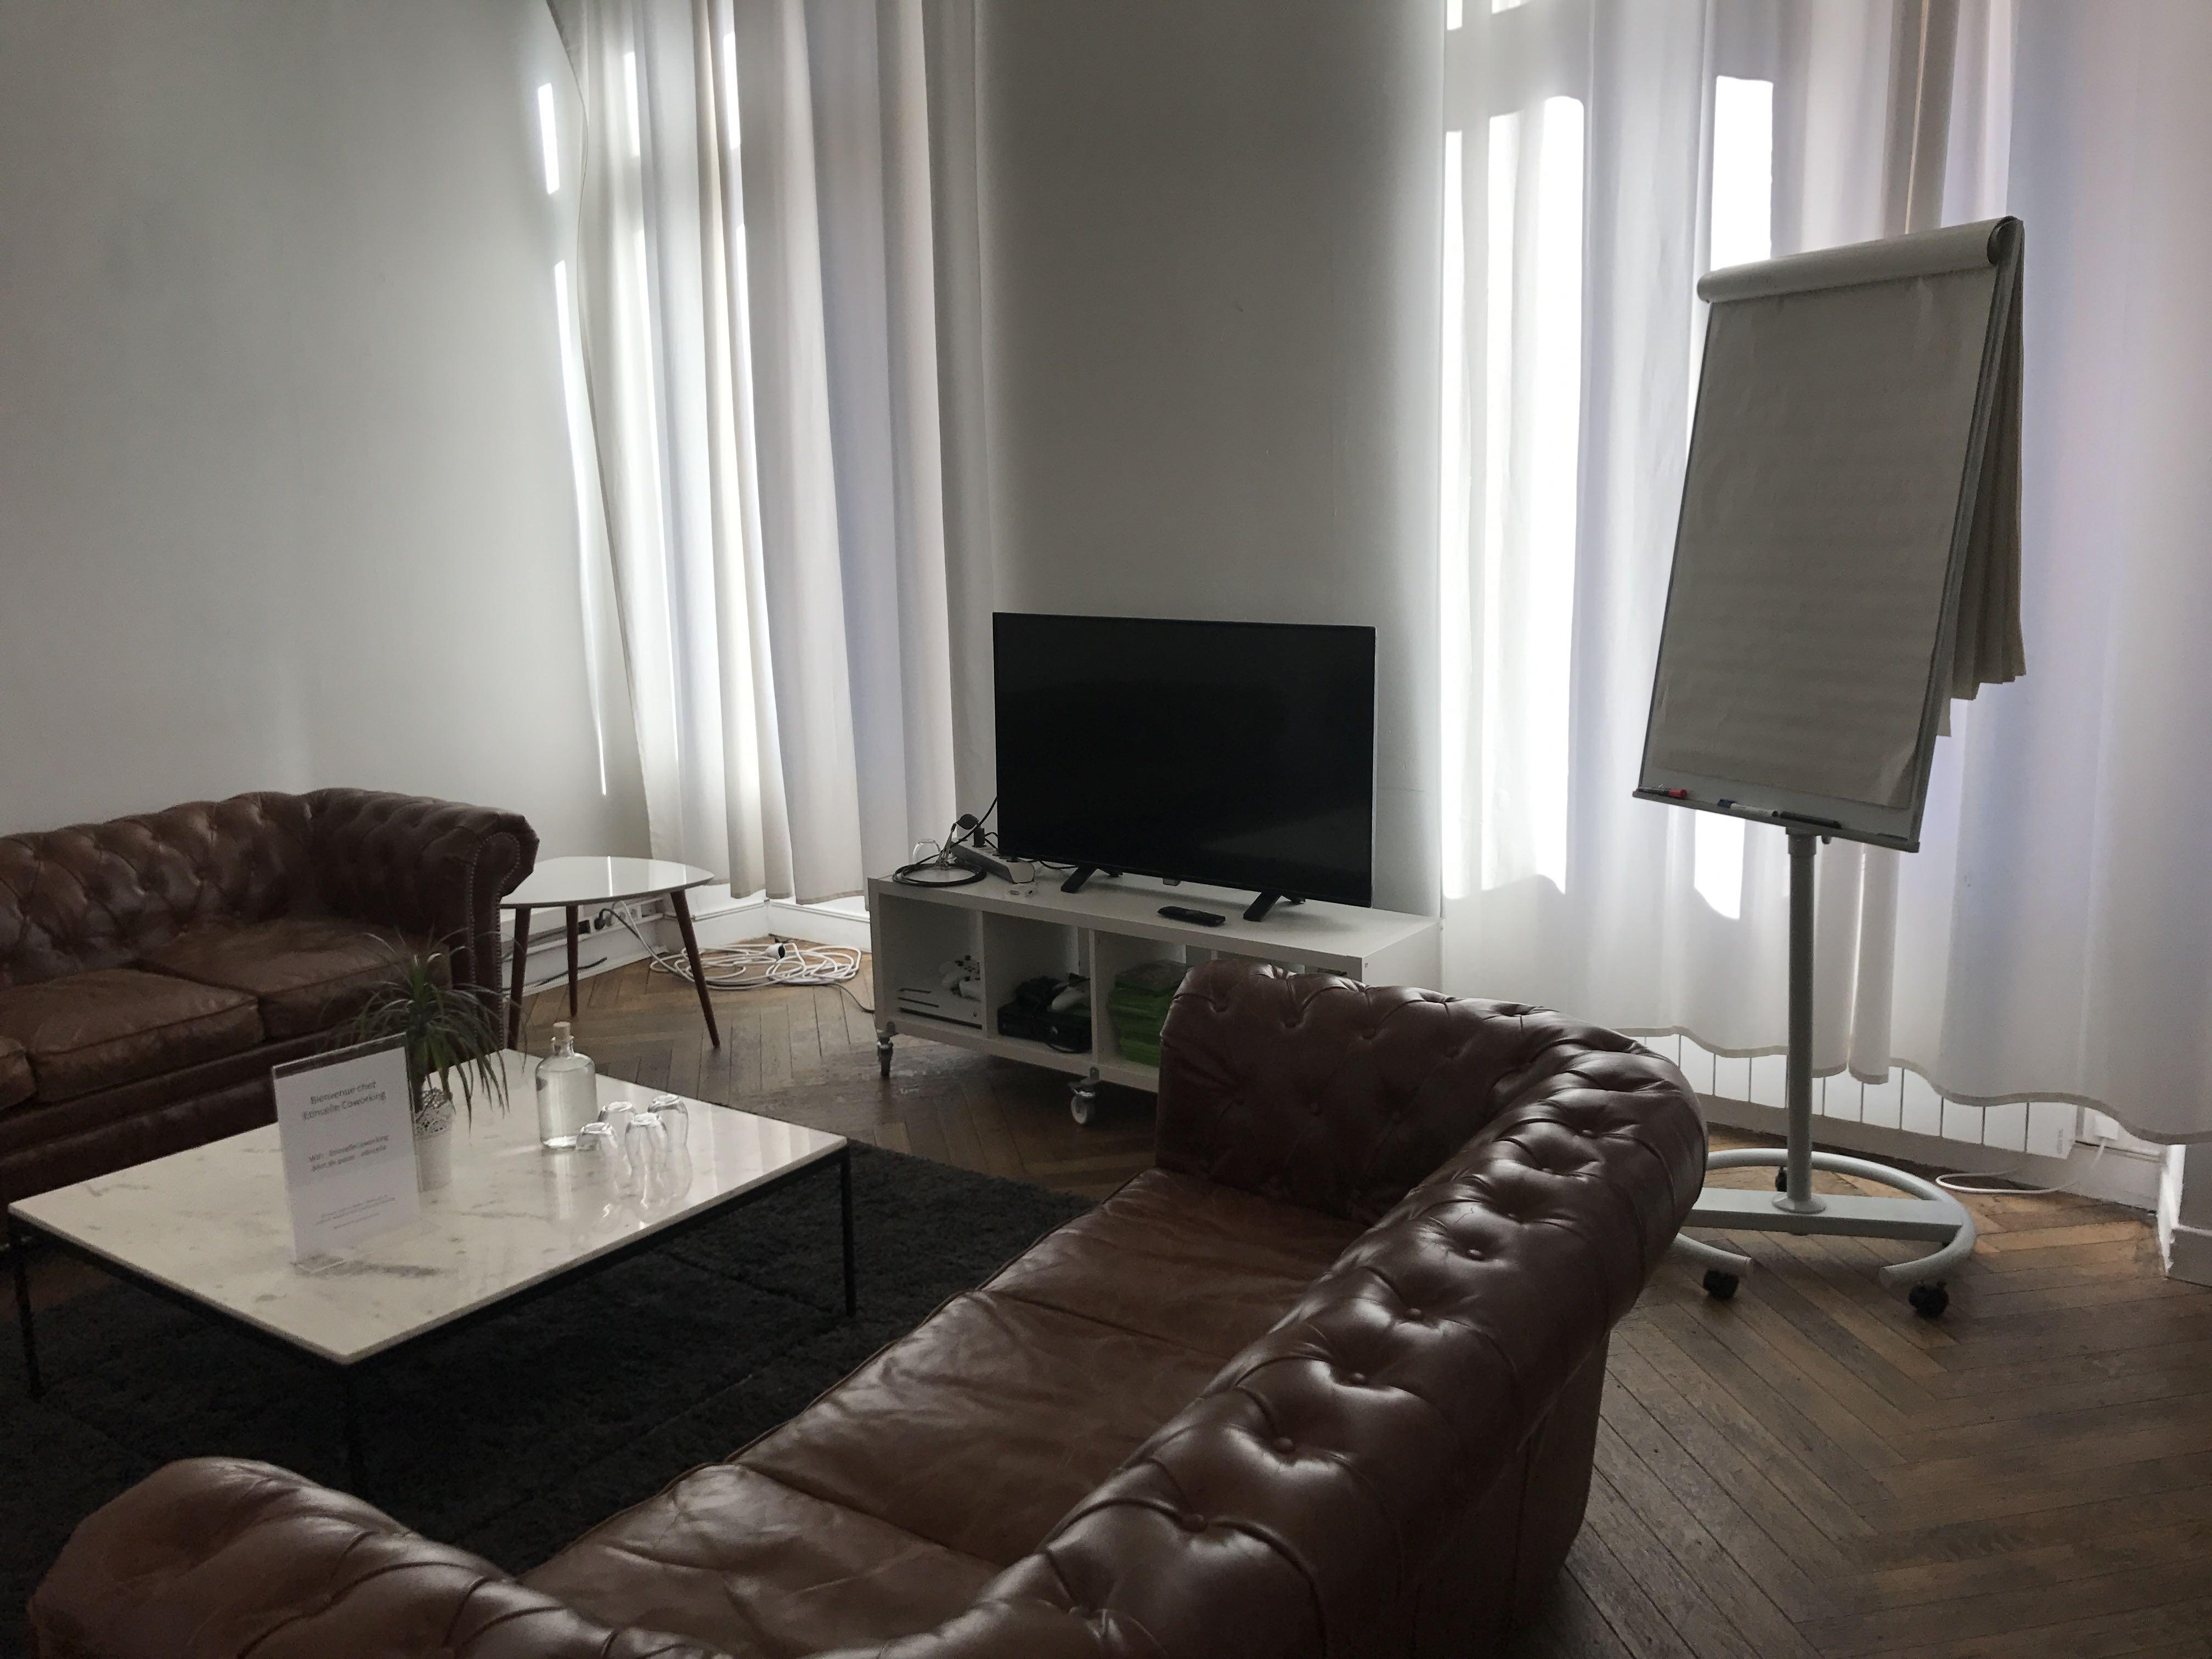 L'autre canapé avec la bibliothèque et la télévision